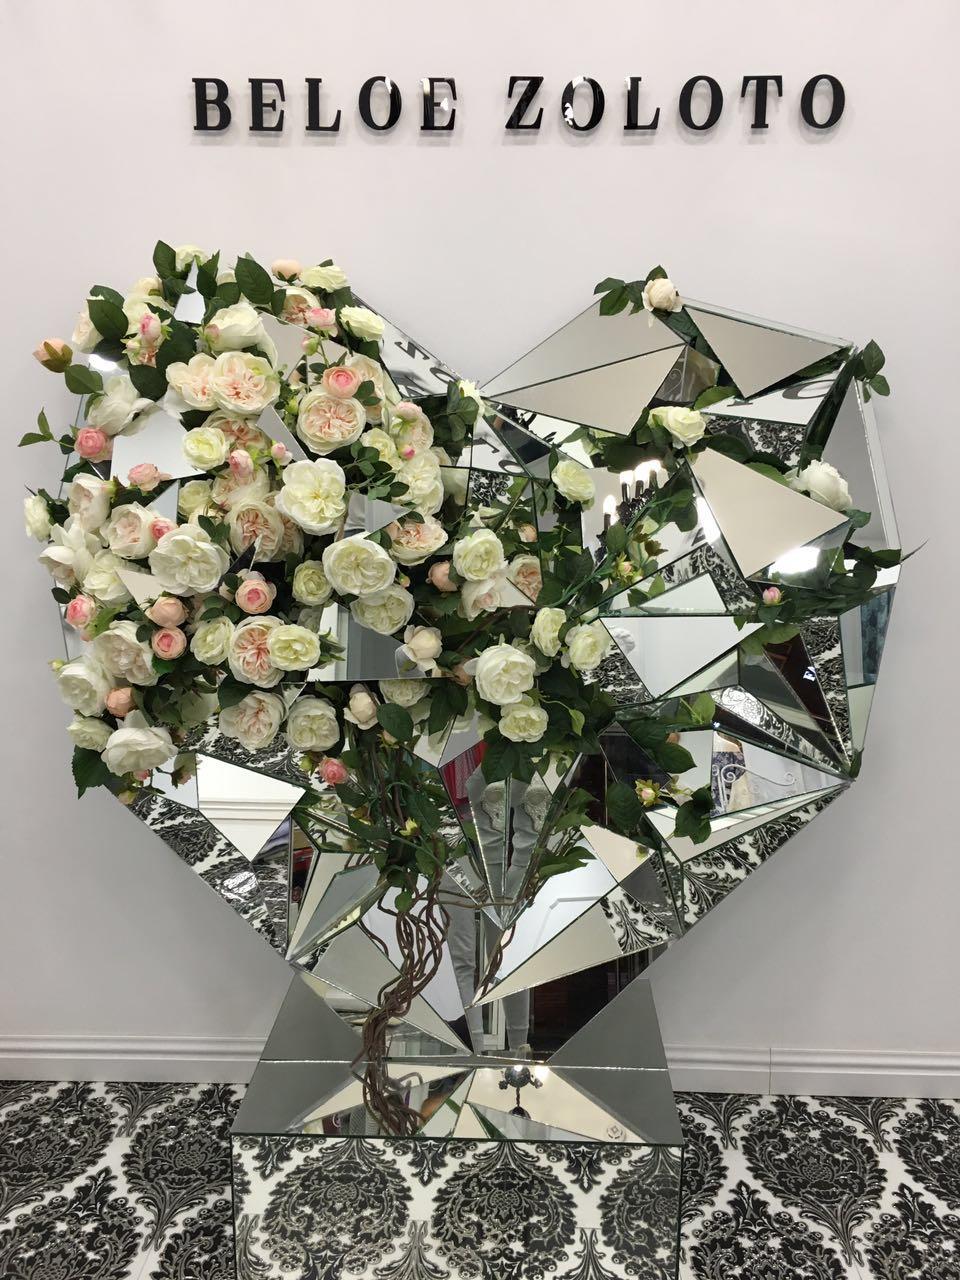 Роза пионовидная David Austin (белая и белая с розоватой сердцевиной) Цена =90 руб/шт  (наличие уточнять)